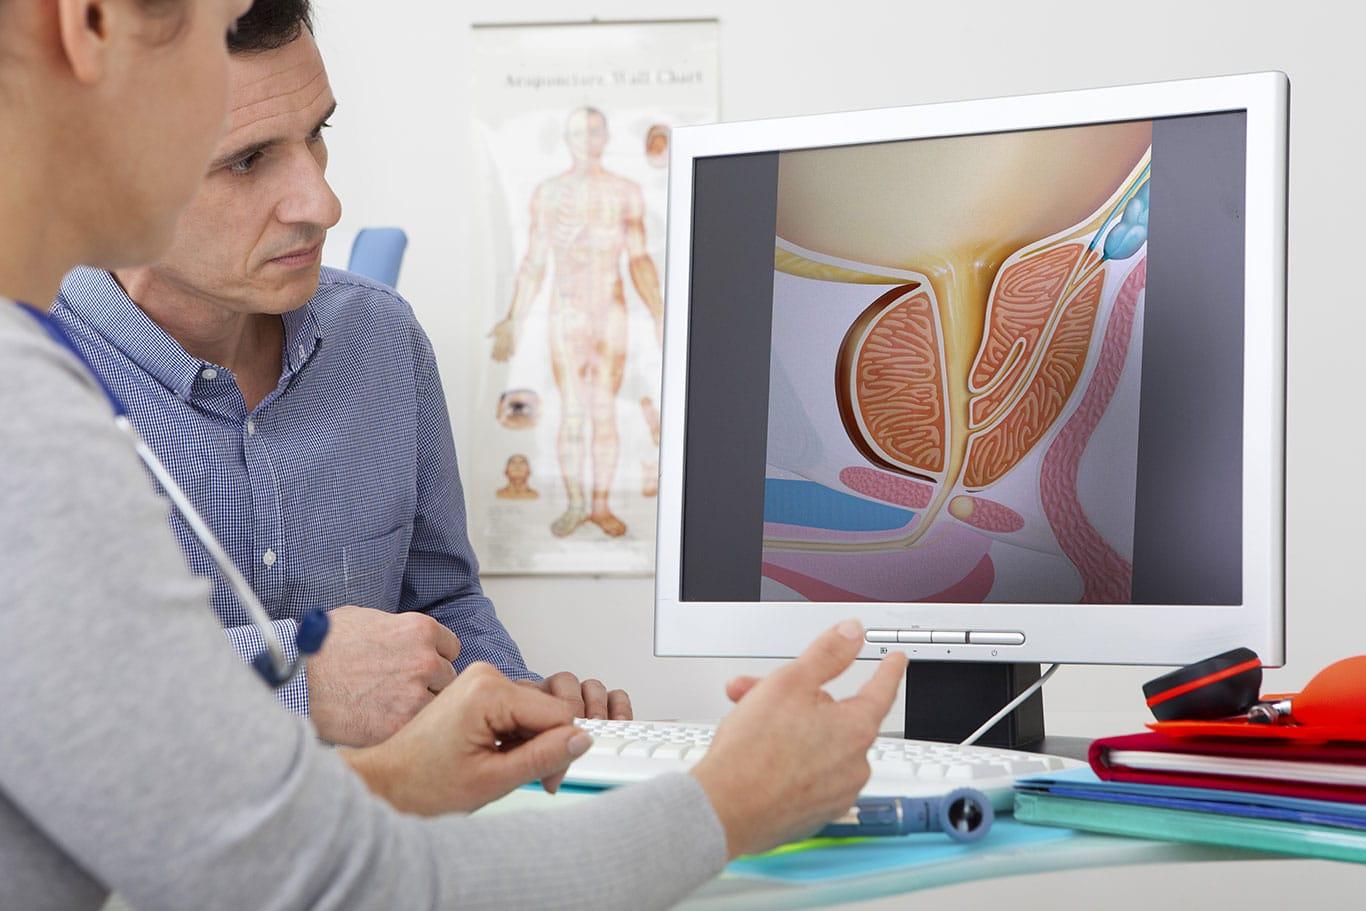 urológus székesfehérvár Akár krónikus prosztatitis is továbbít